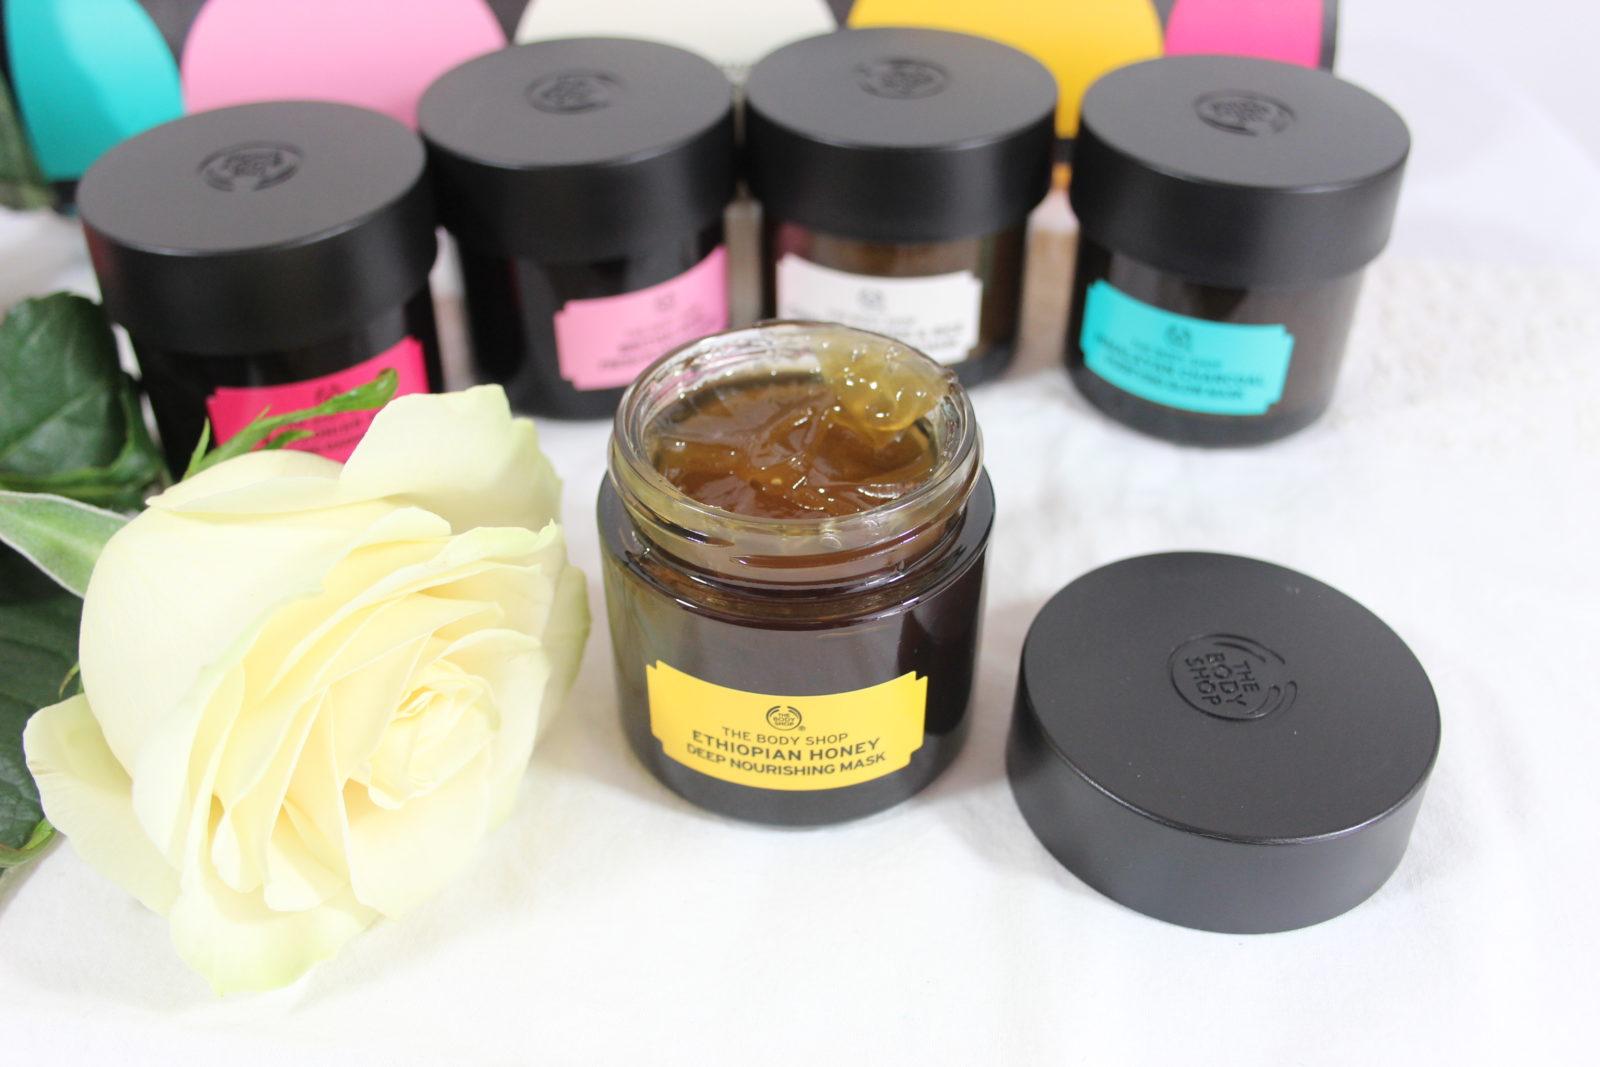 The Body Shop Ethiopian Honey Facial Mask